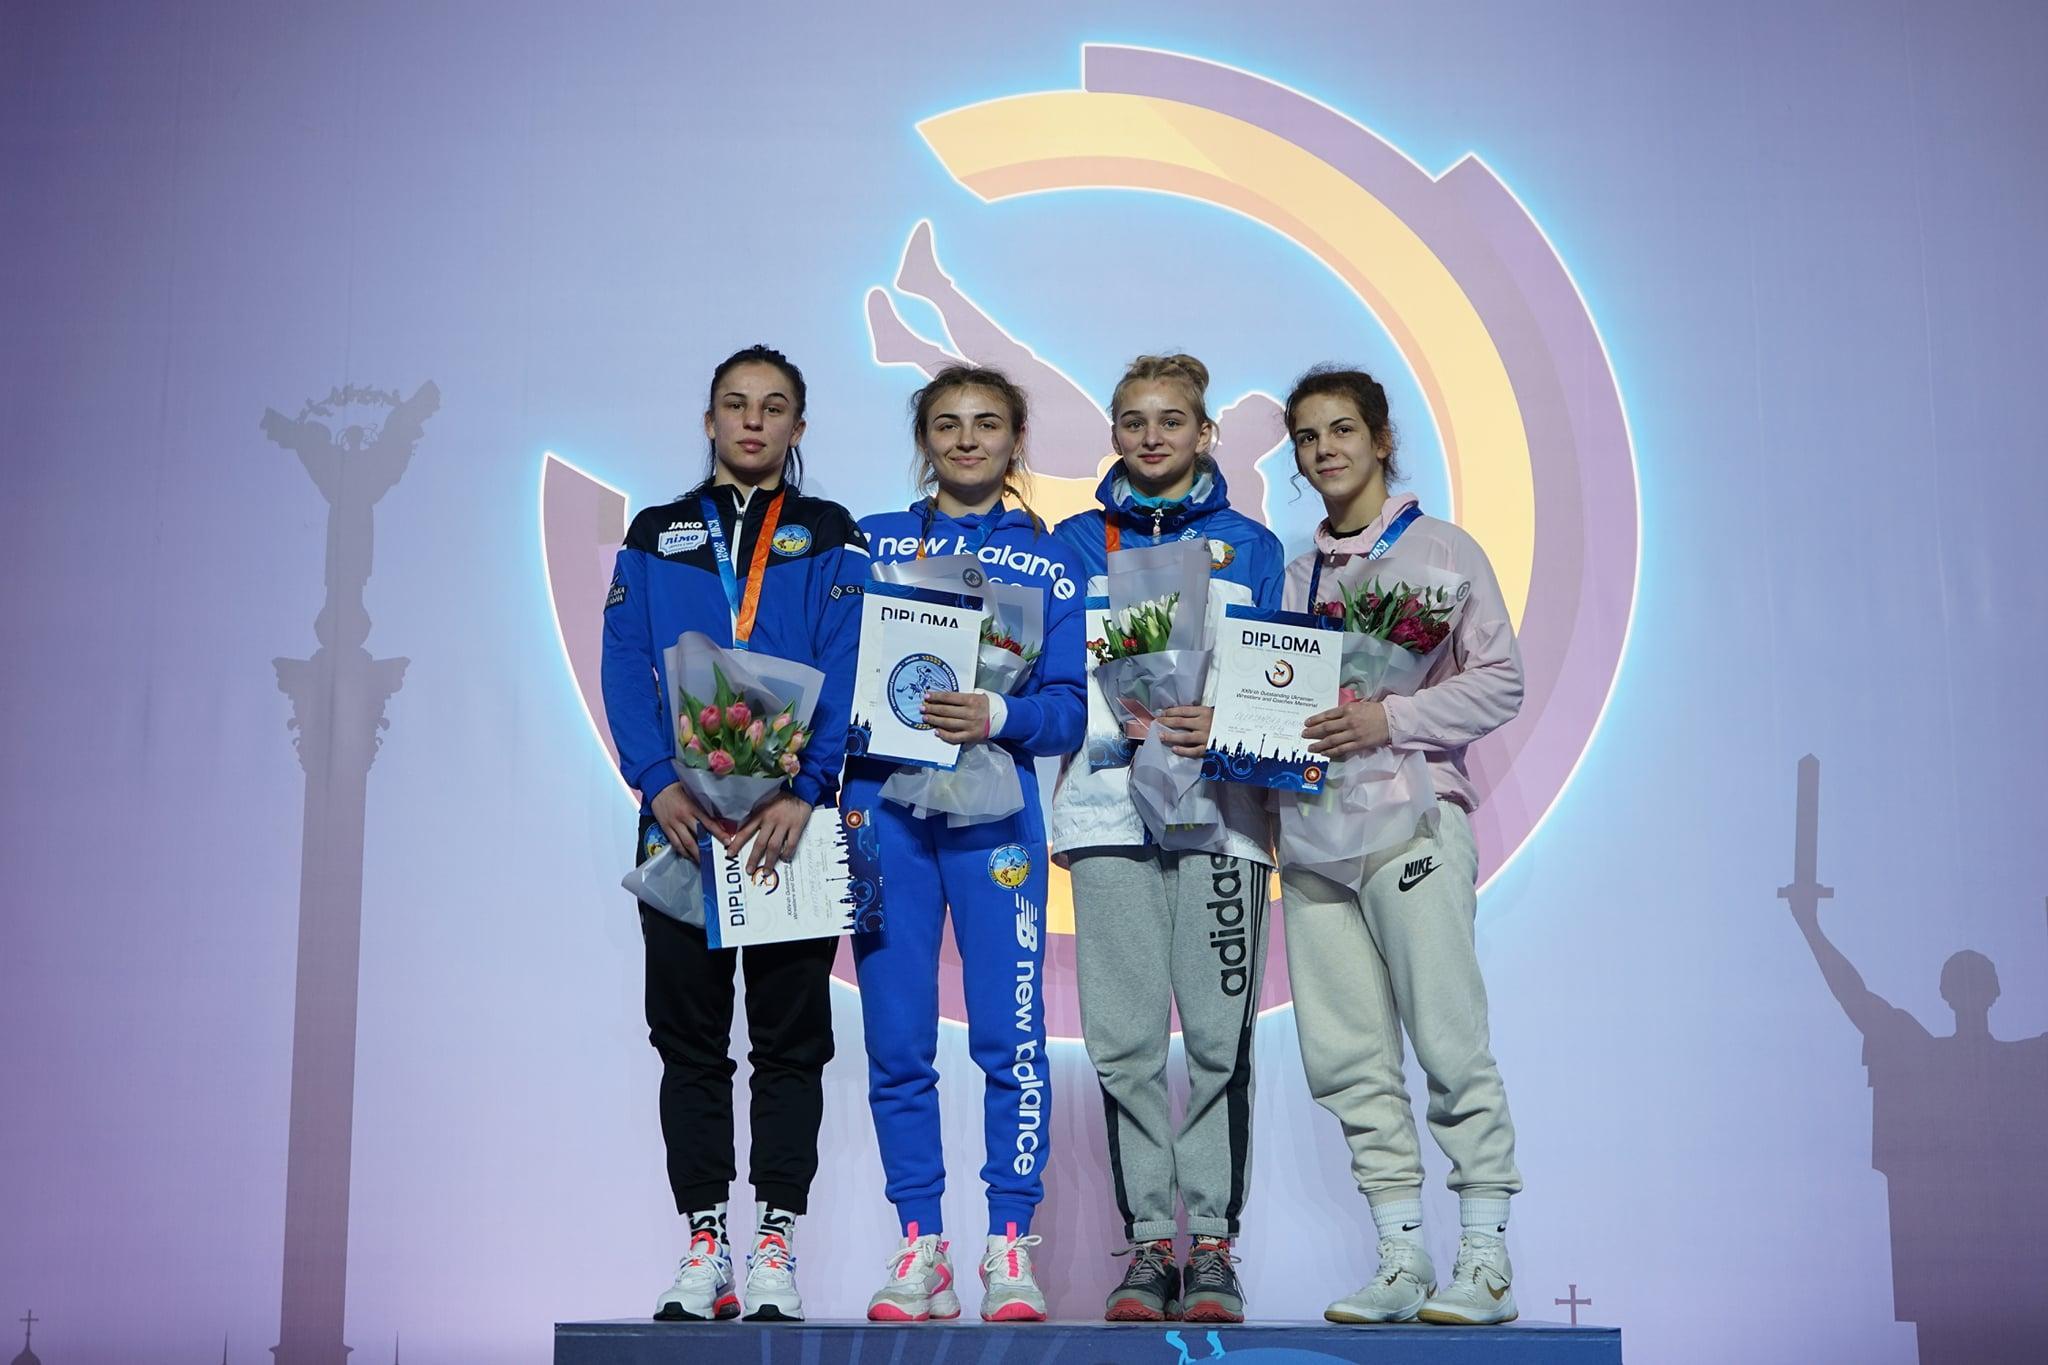 Київський Міжнародний турнір з боротьби. Фото